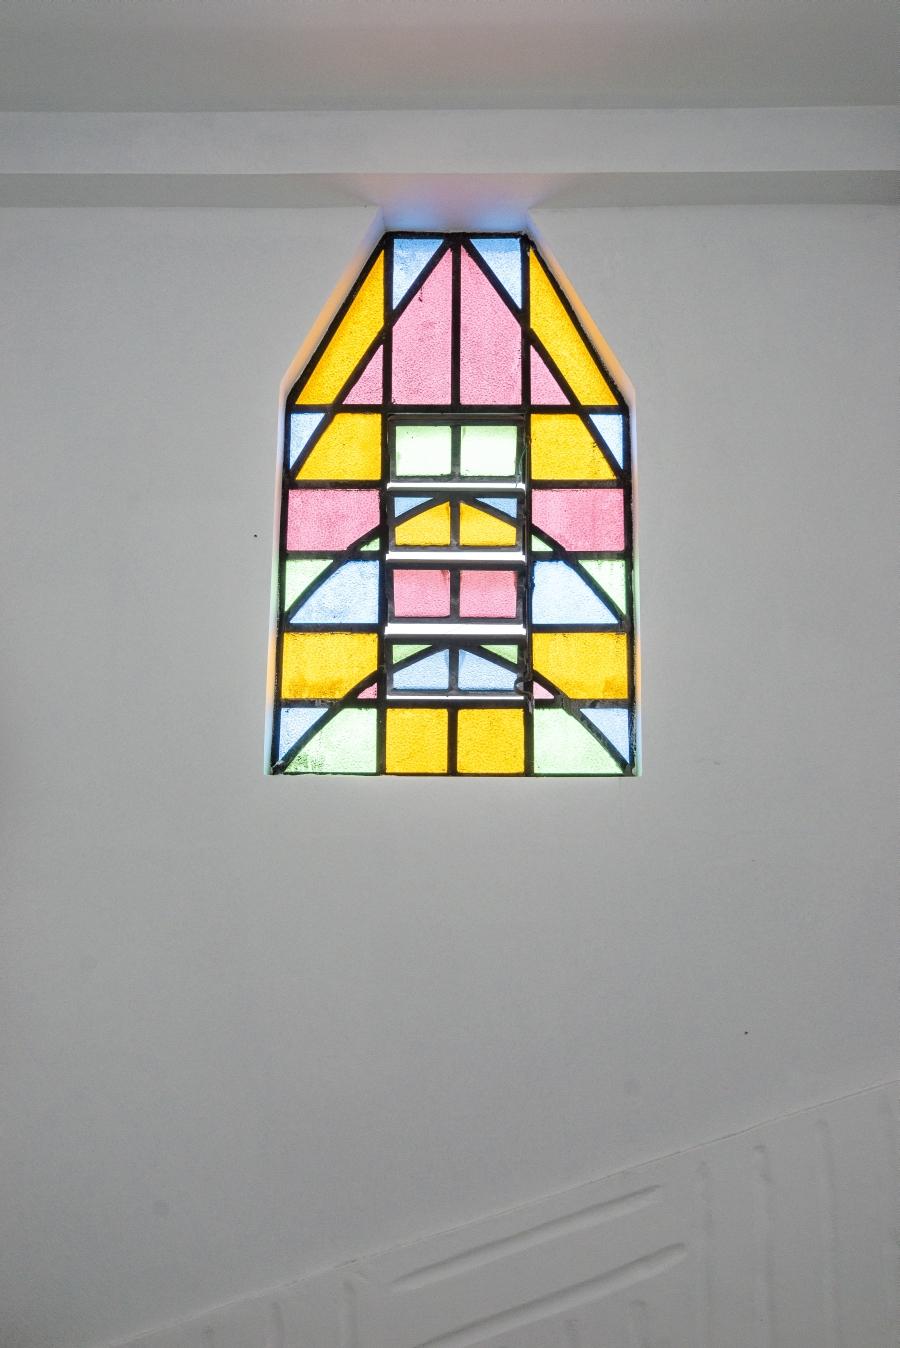 Os vitrais formam desenhos que lembram castelos.